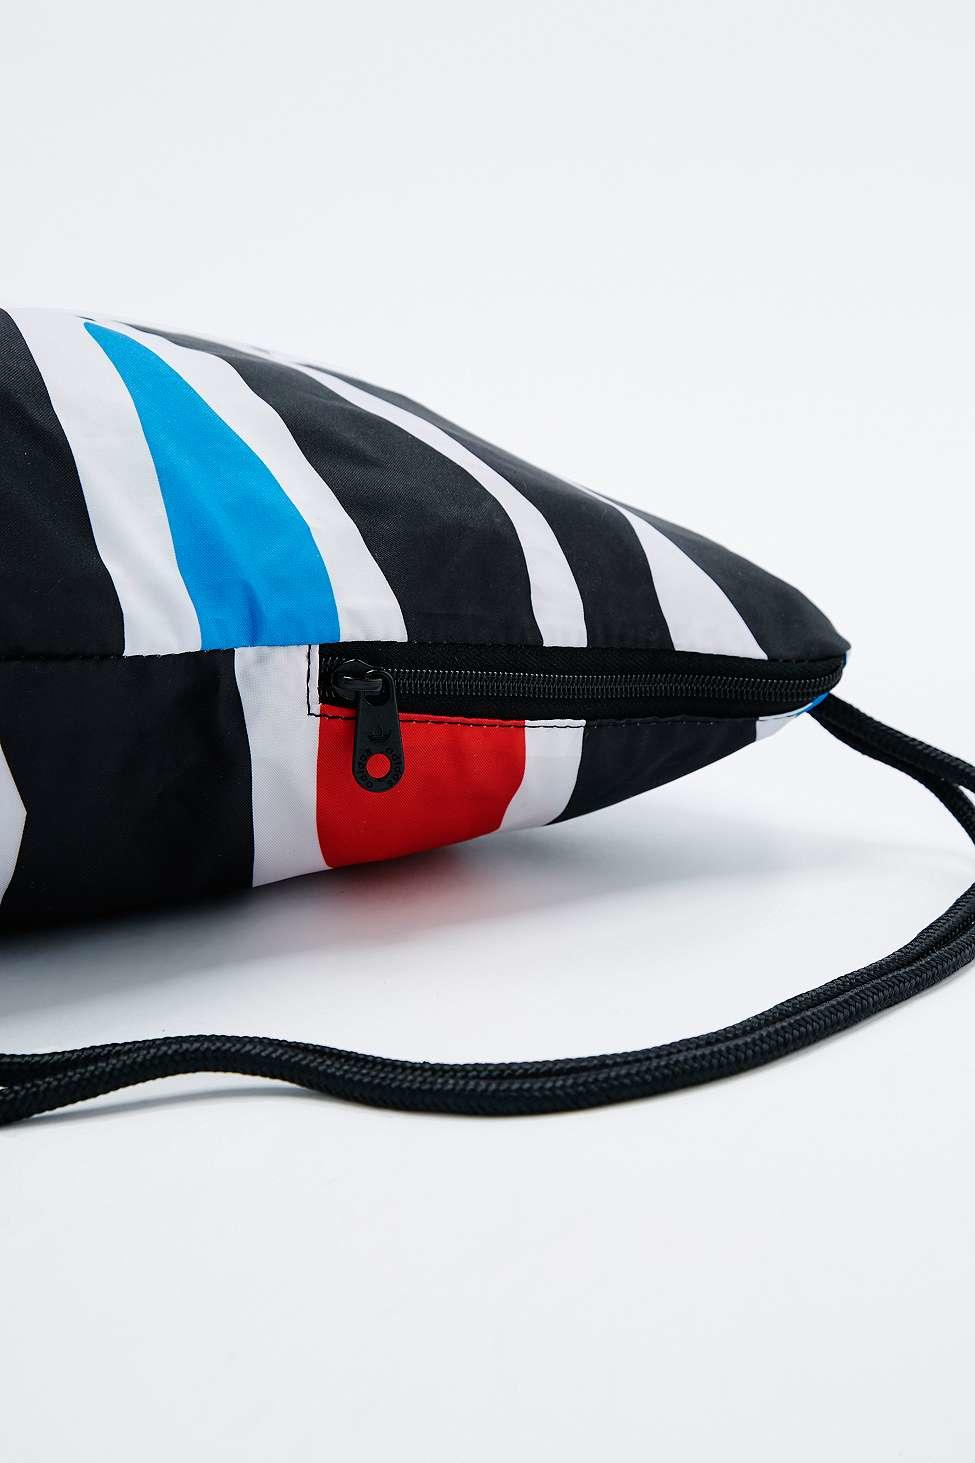 ea2bb1c5d0c1 adidas Originals Zebra Print Drawstring Gymsack for Men - Lyst